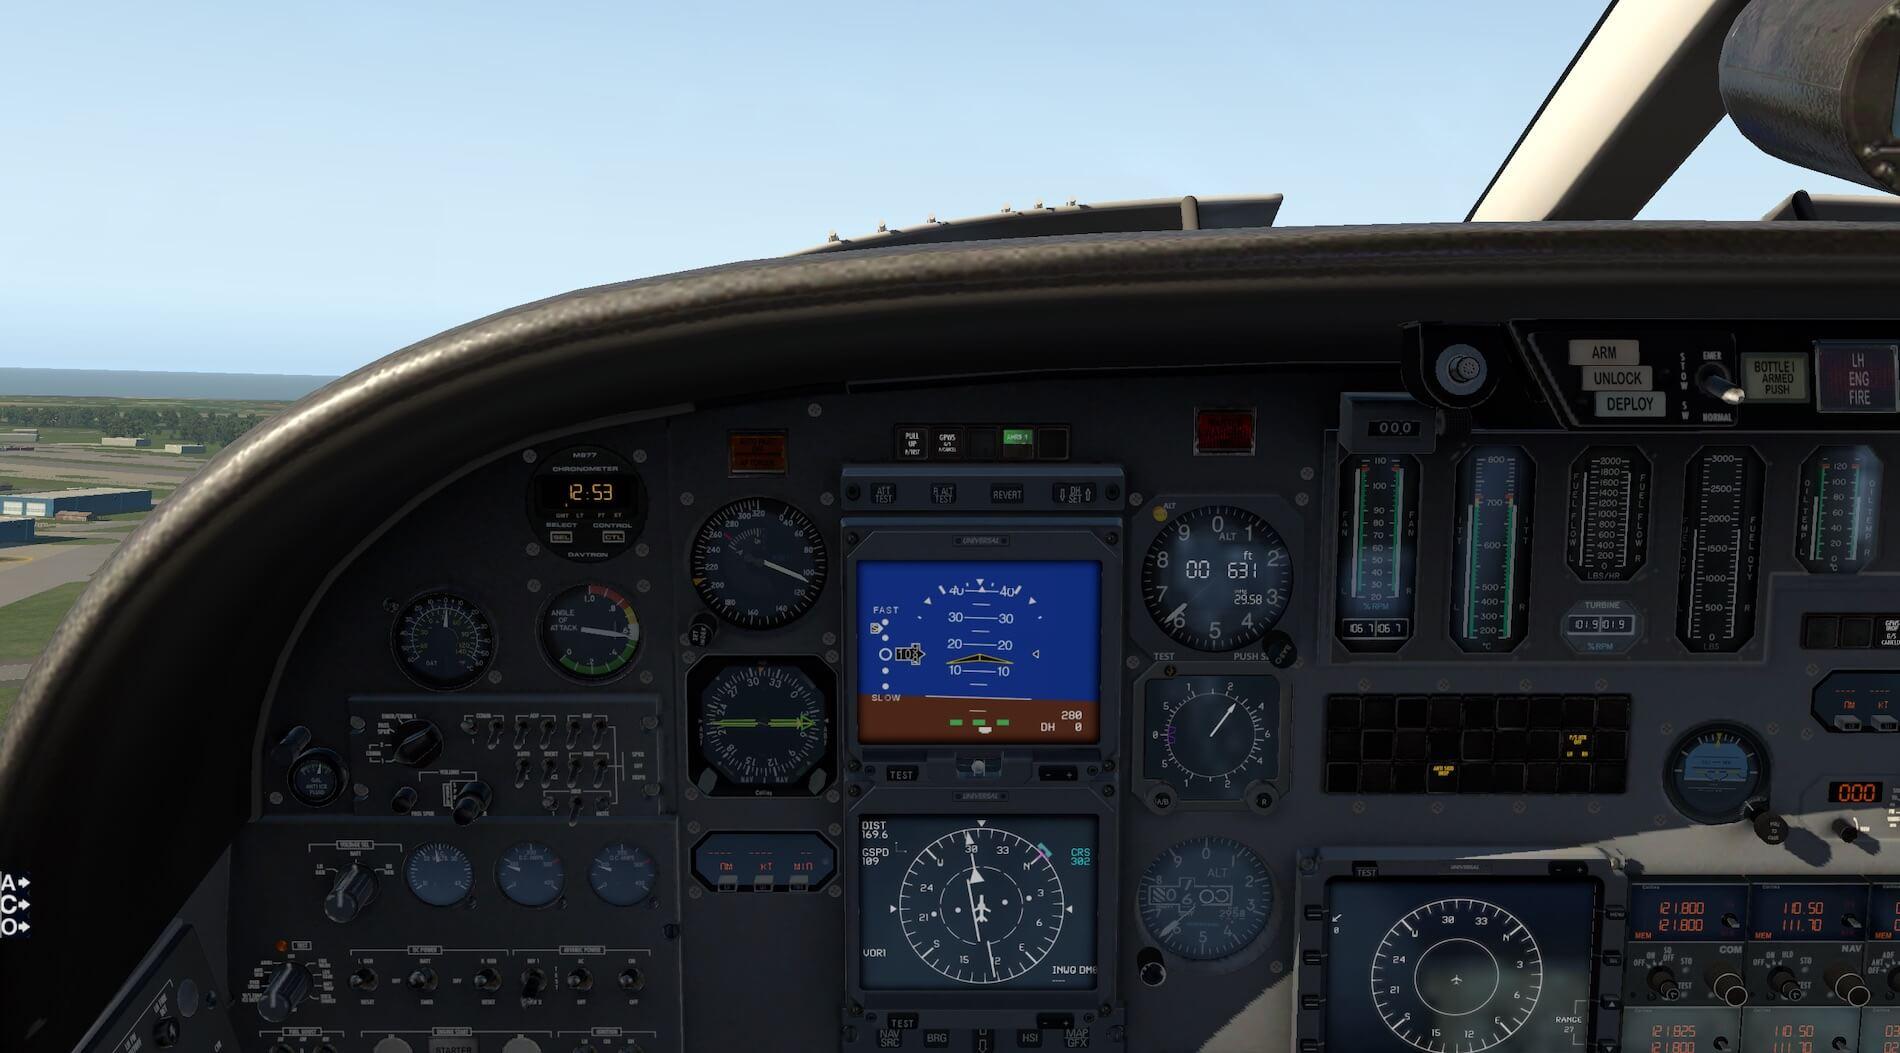 Aircraft Review | Carenado Citation S550 | X-Plained, the